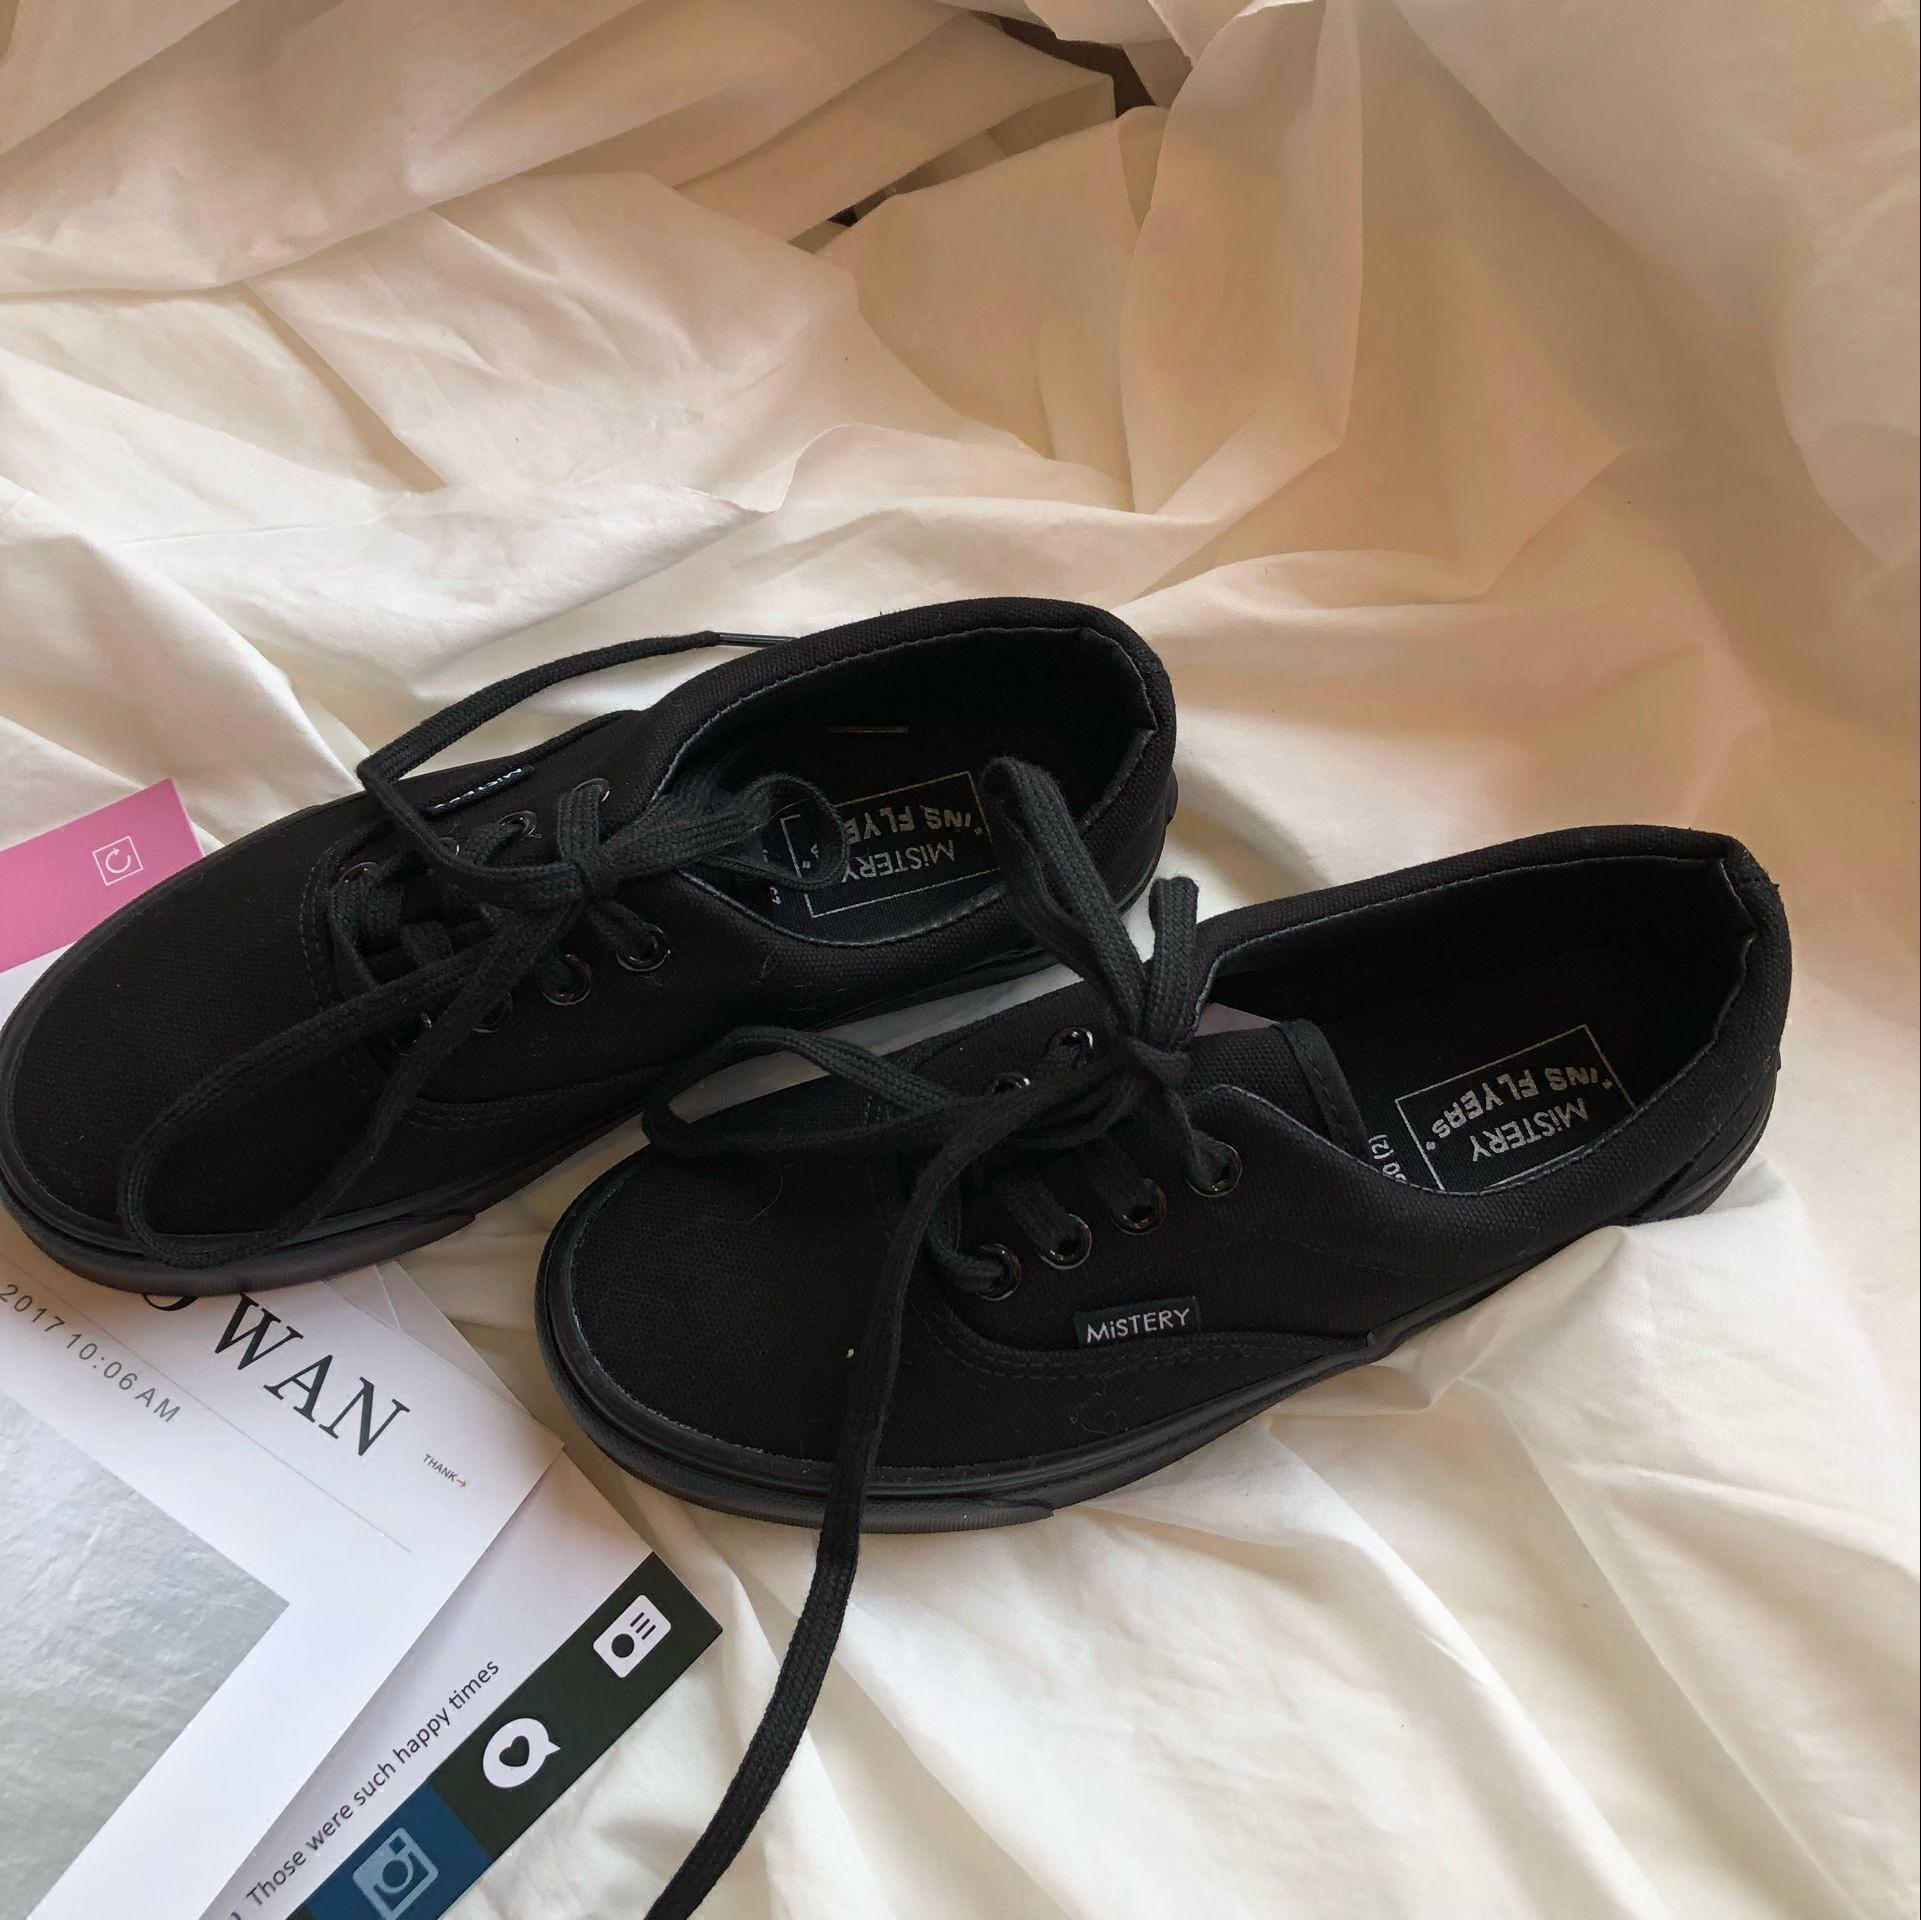 黑色帆布鞋 (泡面小希)韩国ins街拍复古纯黑色原宿港风系带男女帆布小黑鞋_推荐淘宝好看的黑色帆布鞋